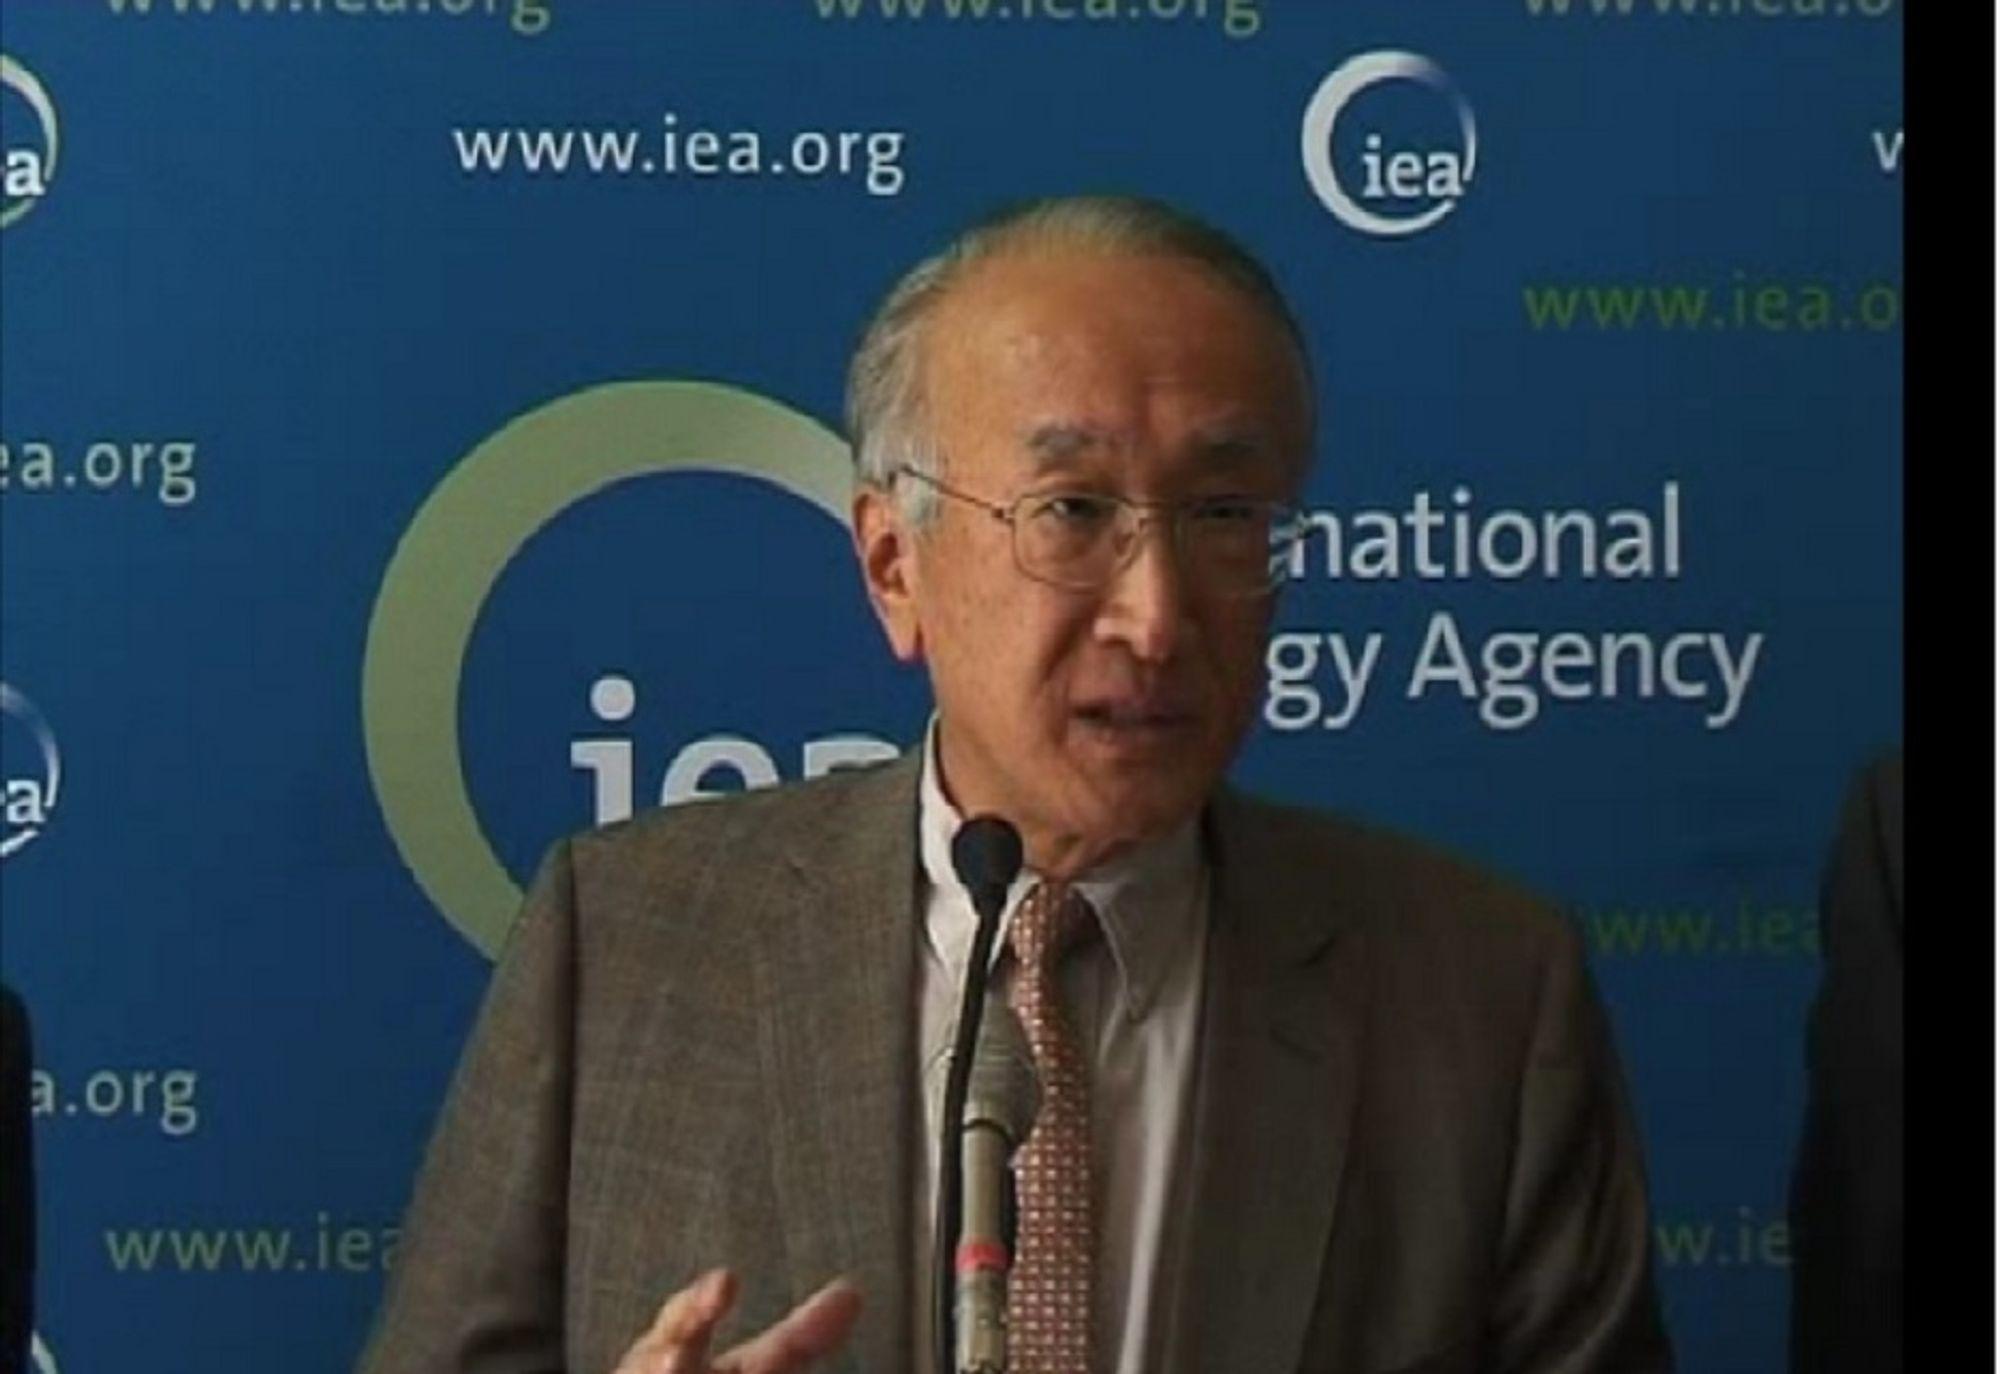 ÅPNER LAGRENE: IEA-direktør Nobuo Tanaka kunngjorde i går at medlemslandene gjør tilgjengelig 2 millioner fat per dag i 30 dager. Dette skal smøre  verdensøkonomien. Men tiltaket hjelper bare midlertidig, mener flere analytikere.